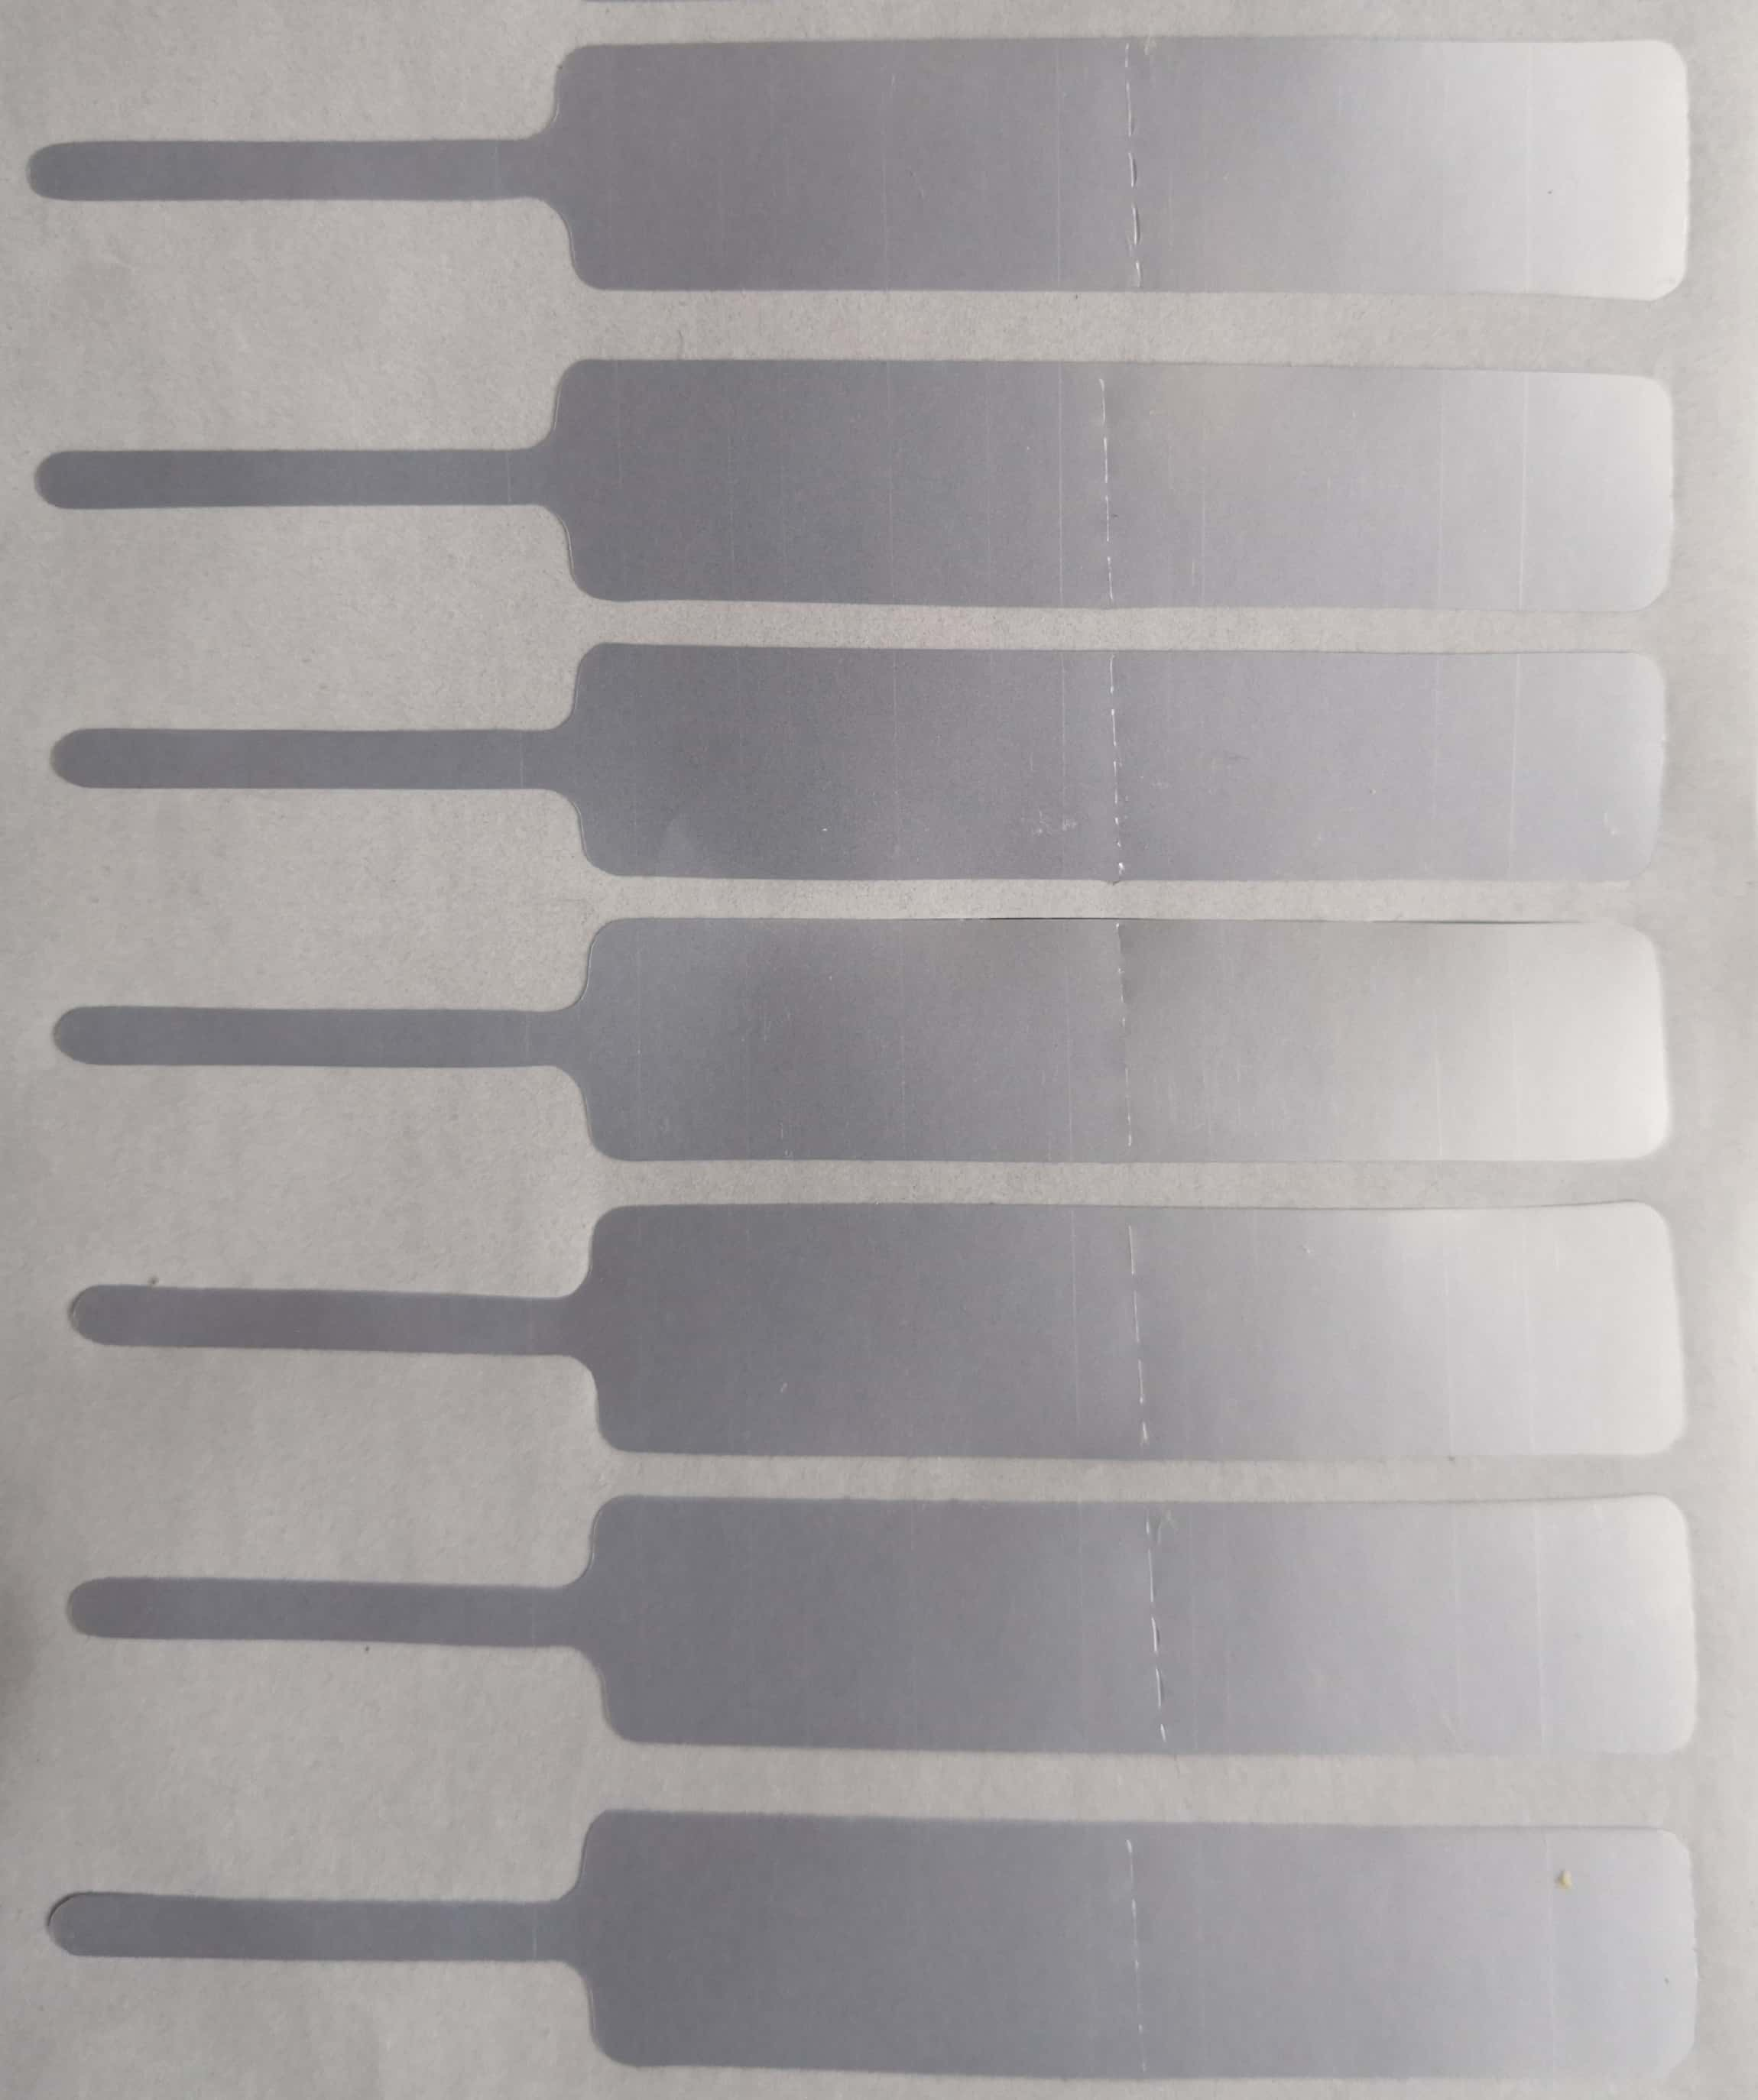 Die Cut Label